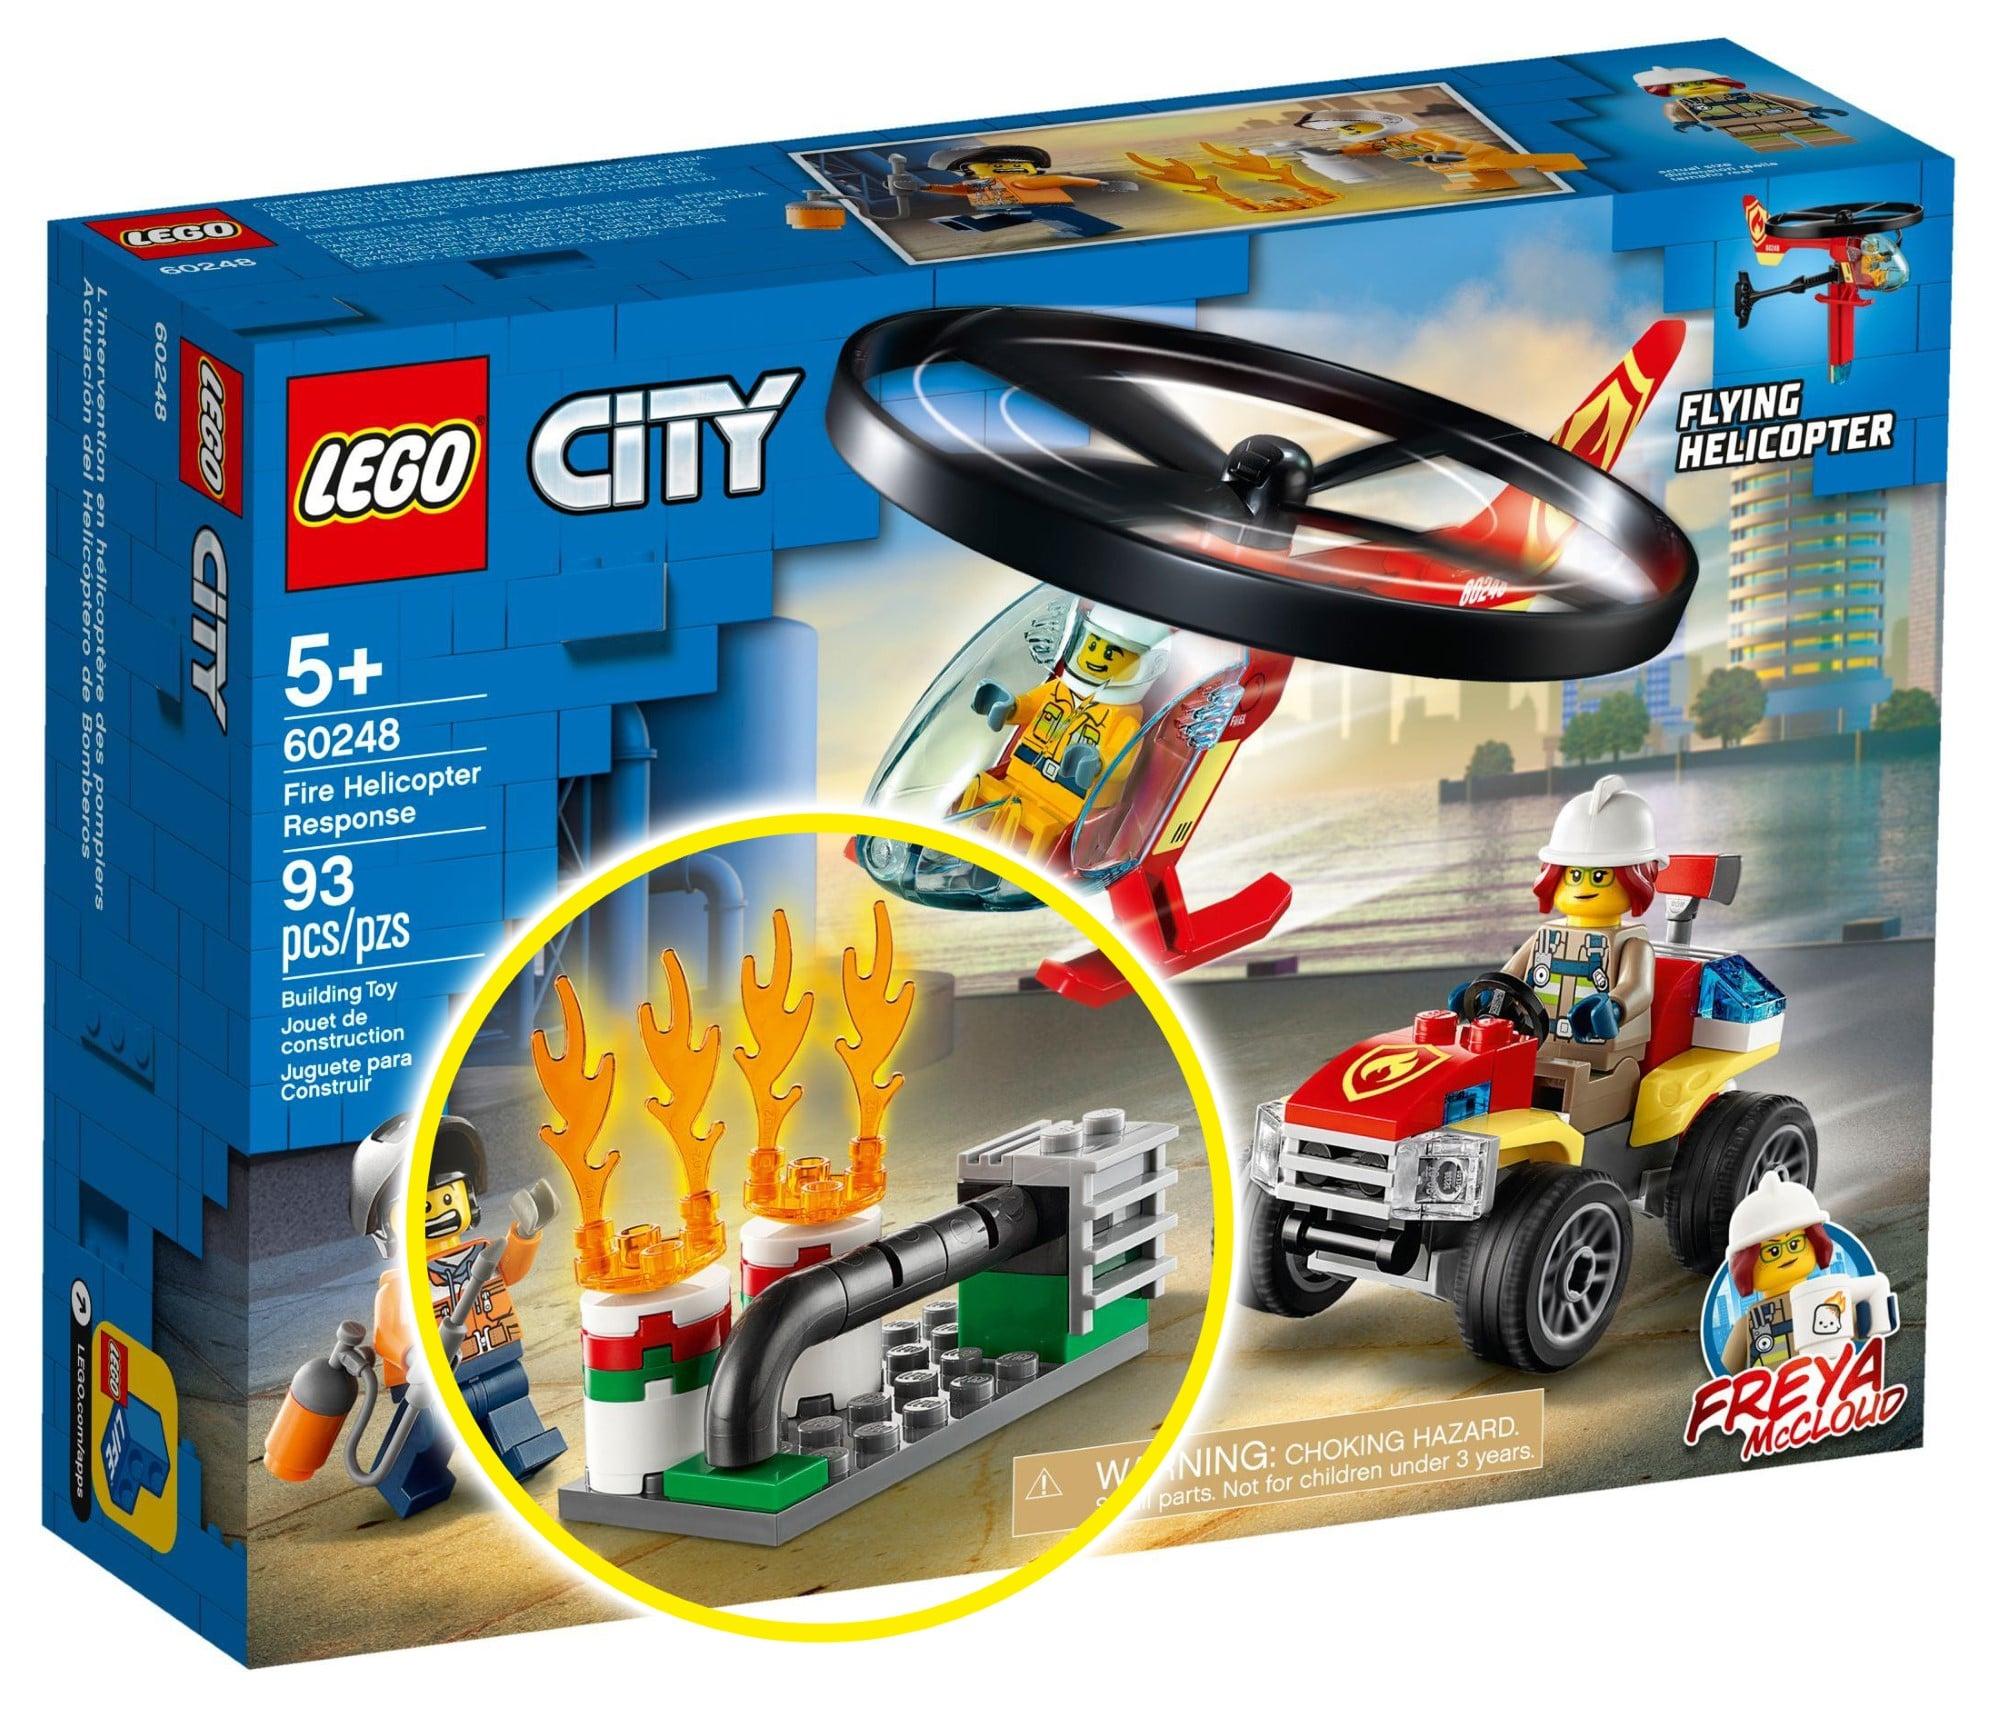 LEGO City Vergleich 60248 Feuerwehrhelikopter